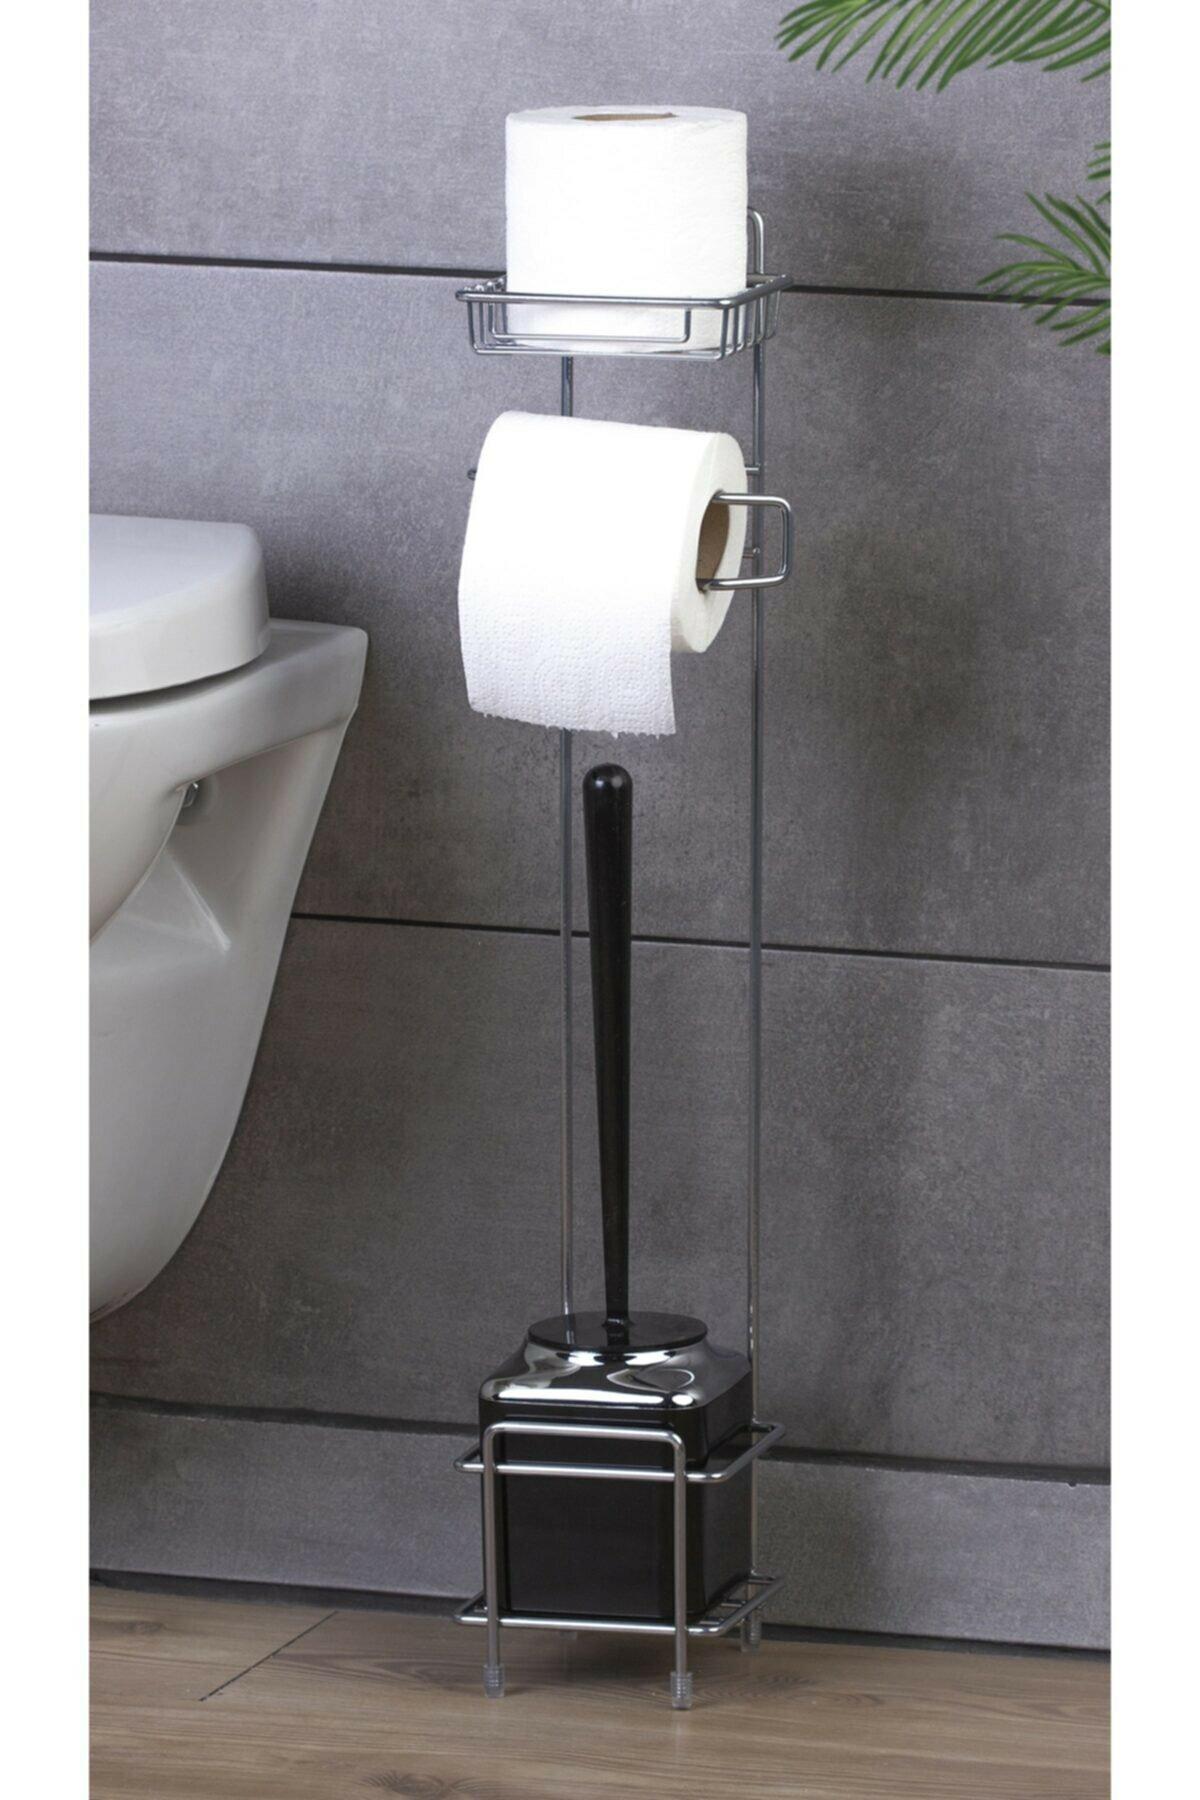 حامل ورق المرحاض الفولاذ المقاوم للصدأ الأنسجة حامل الهاتف المحمول الحمام لفة ورق اكسسوارات الحمام baño banheiro salle دي